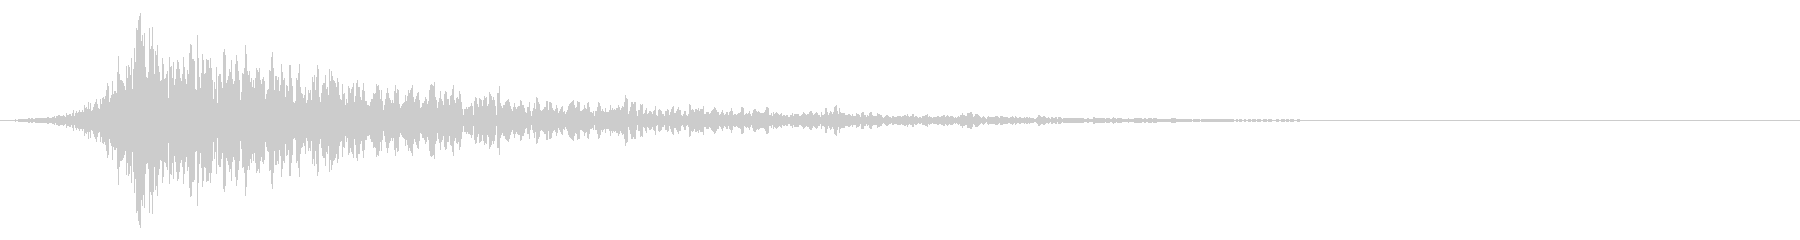 シュードーン-27-1(インパクト音)の未再生の波形